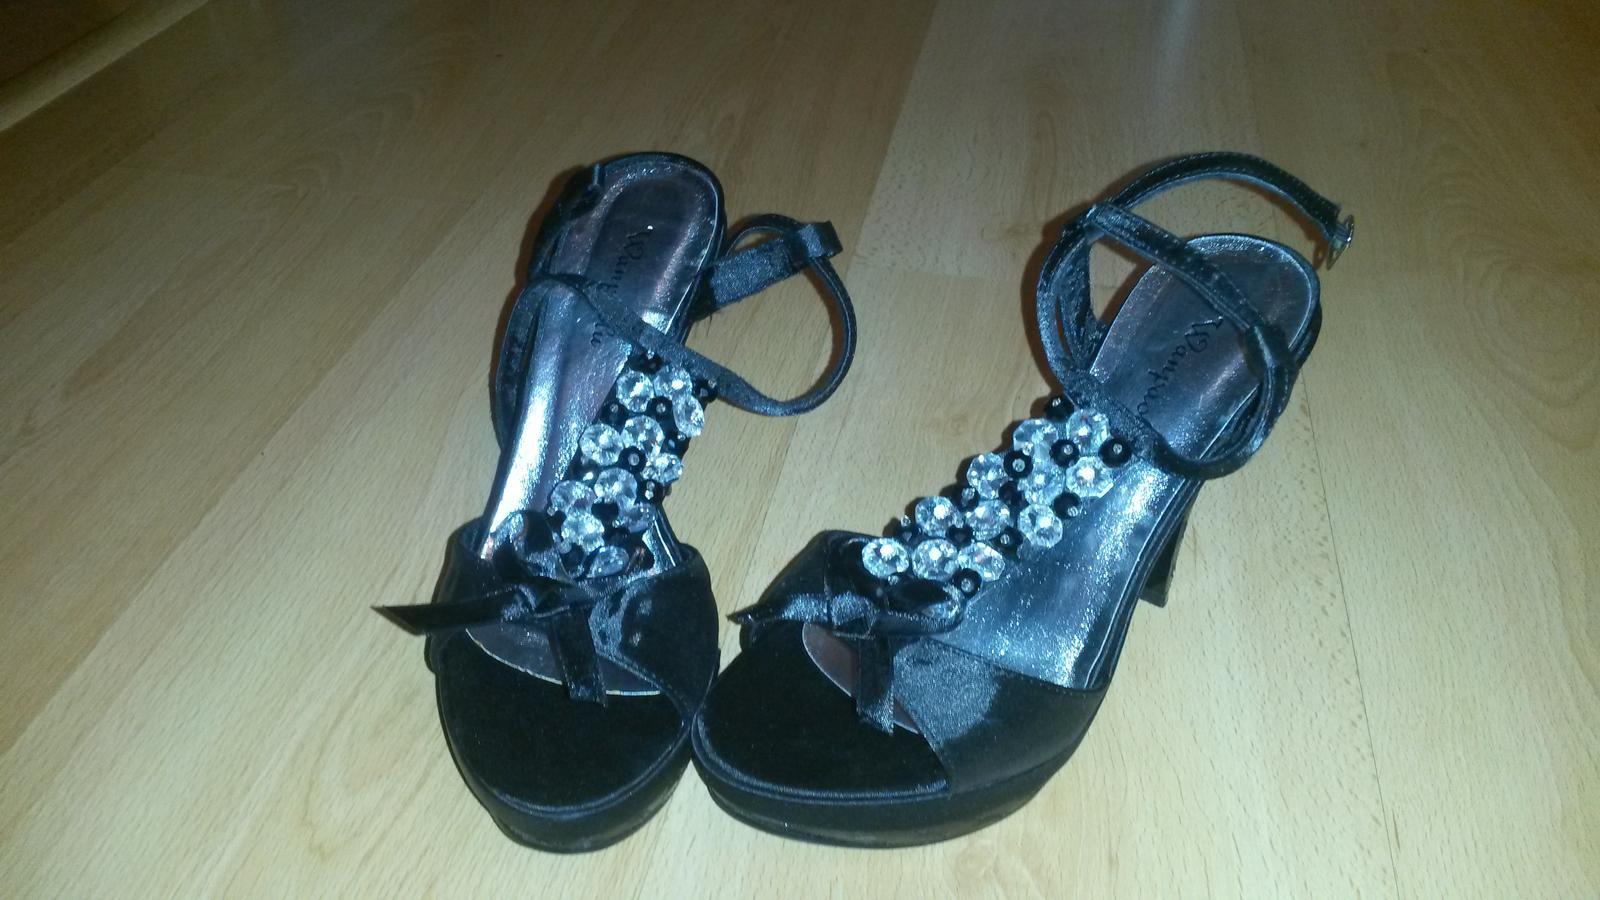 Čierne sandále s kamienkami - Obrázok č. 1